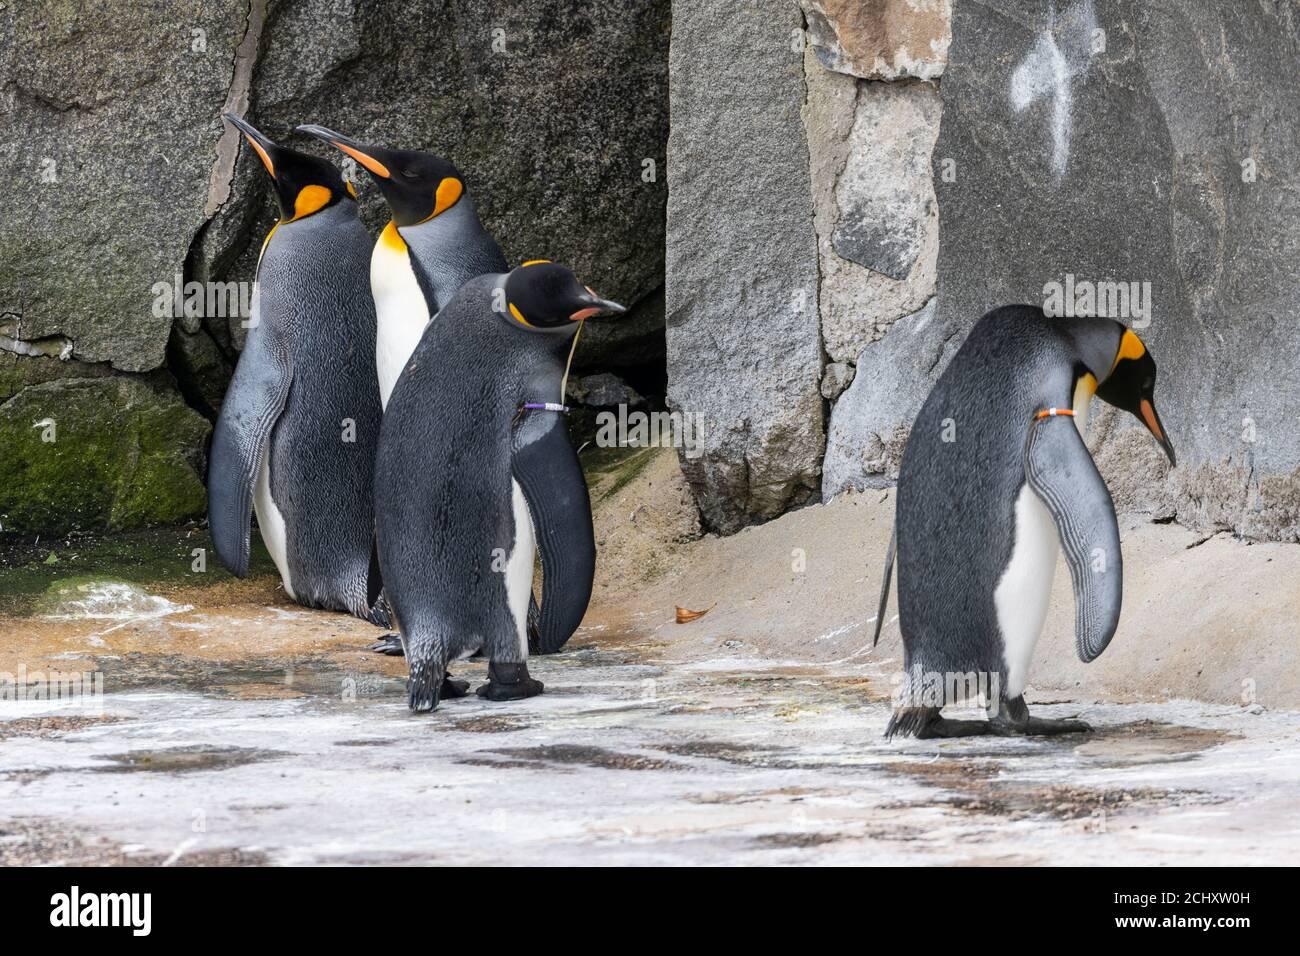 Grupo de licenciatura de pingüinos rey (Aptenodytes patagonicus) en gabinete de pingüinos en el Zoo de Edimburgo, Escocia, Reino Unido Foto de stock